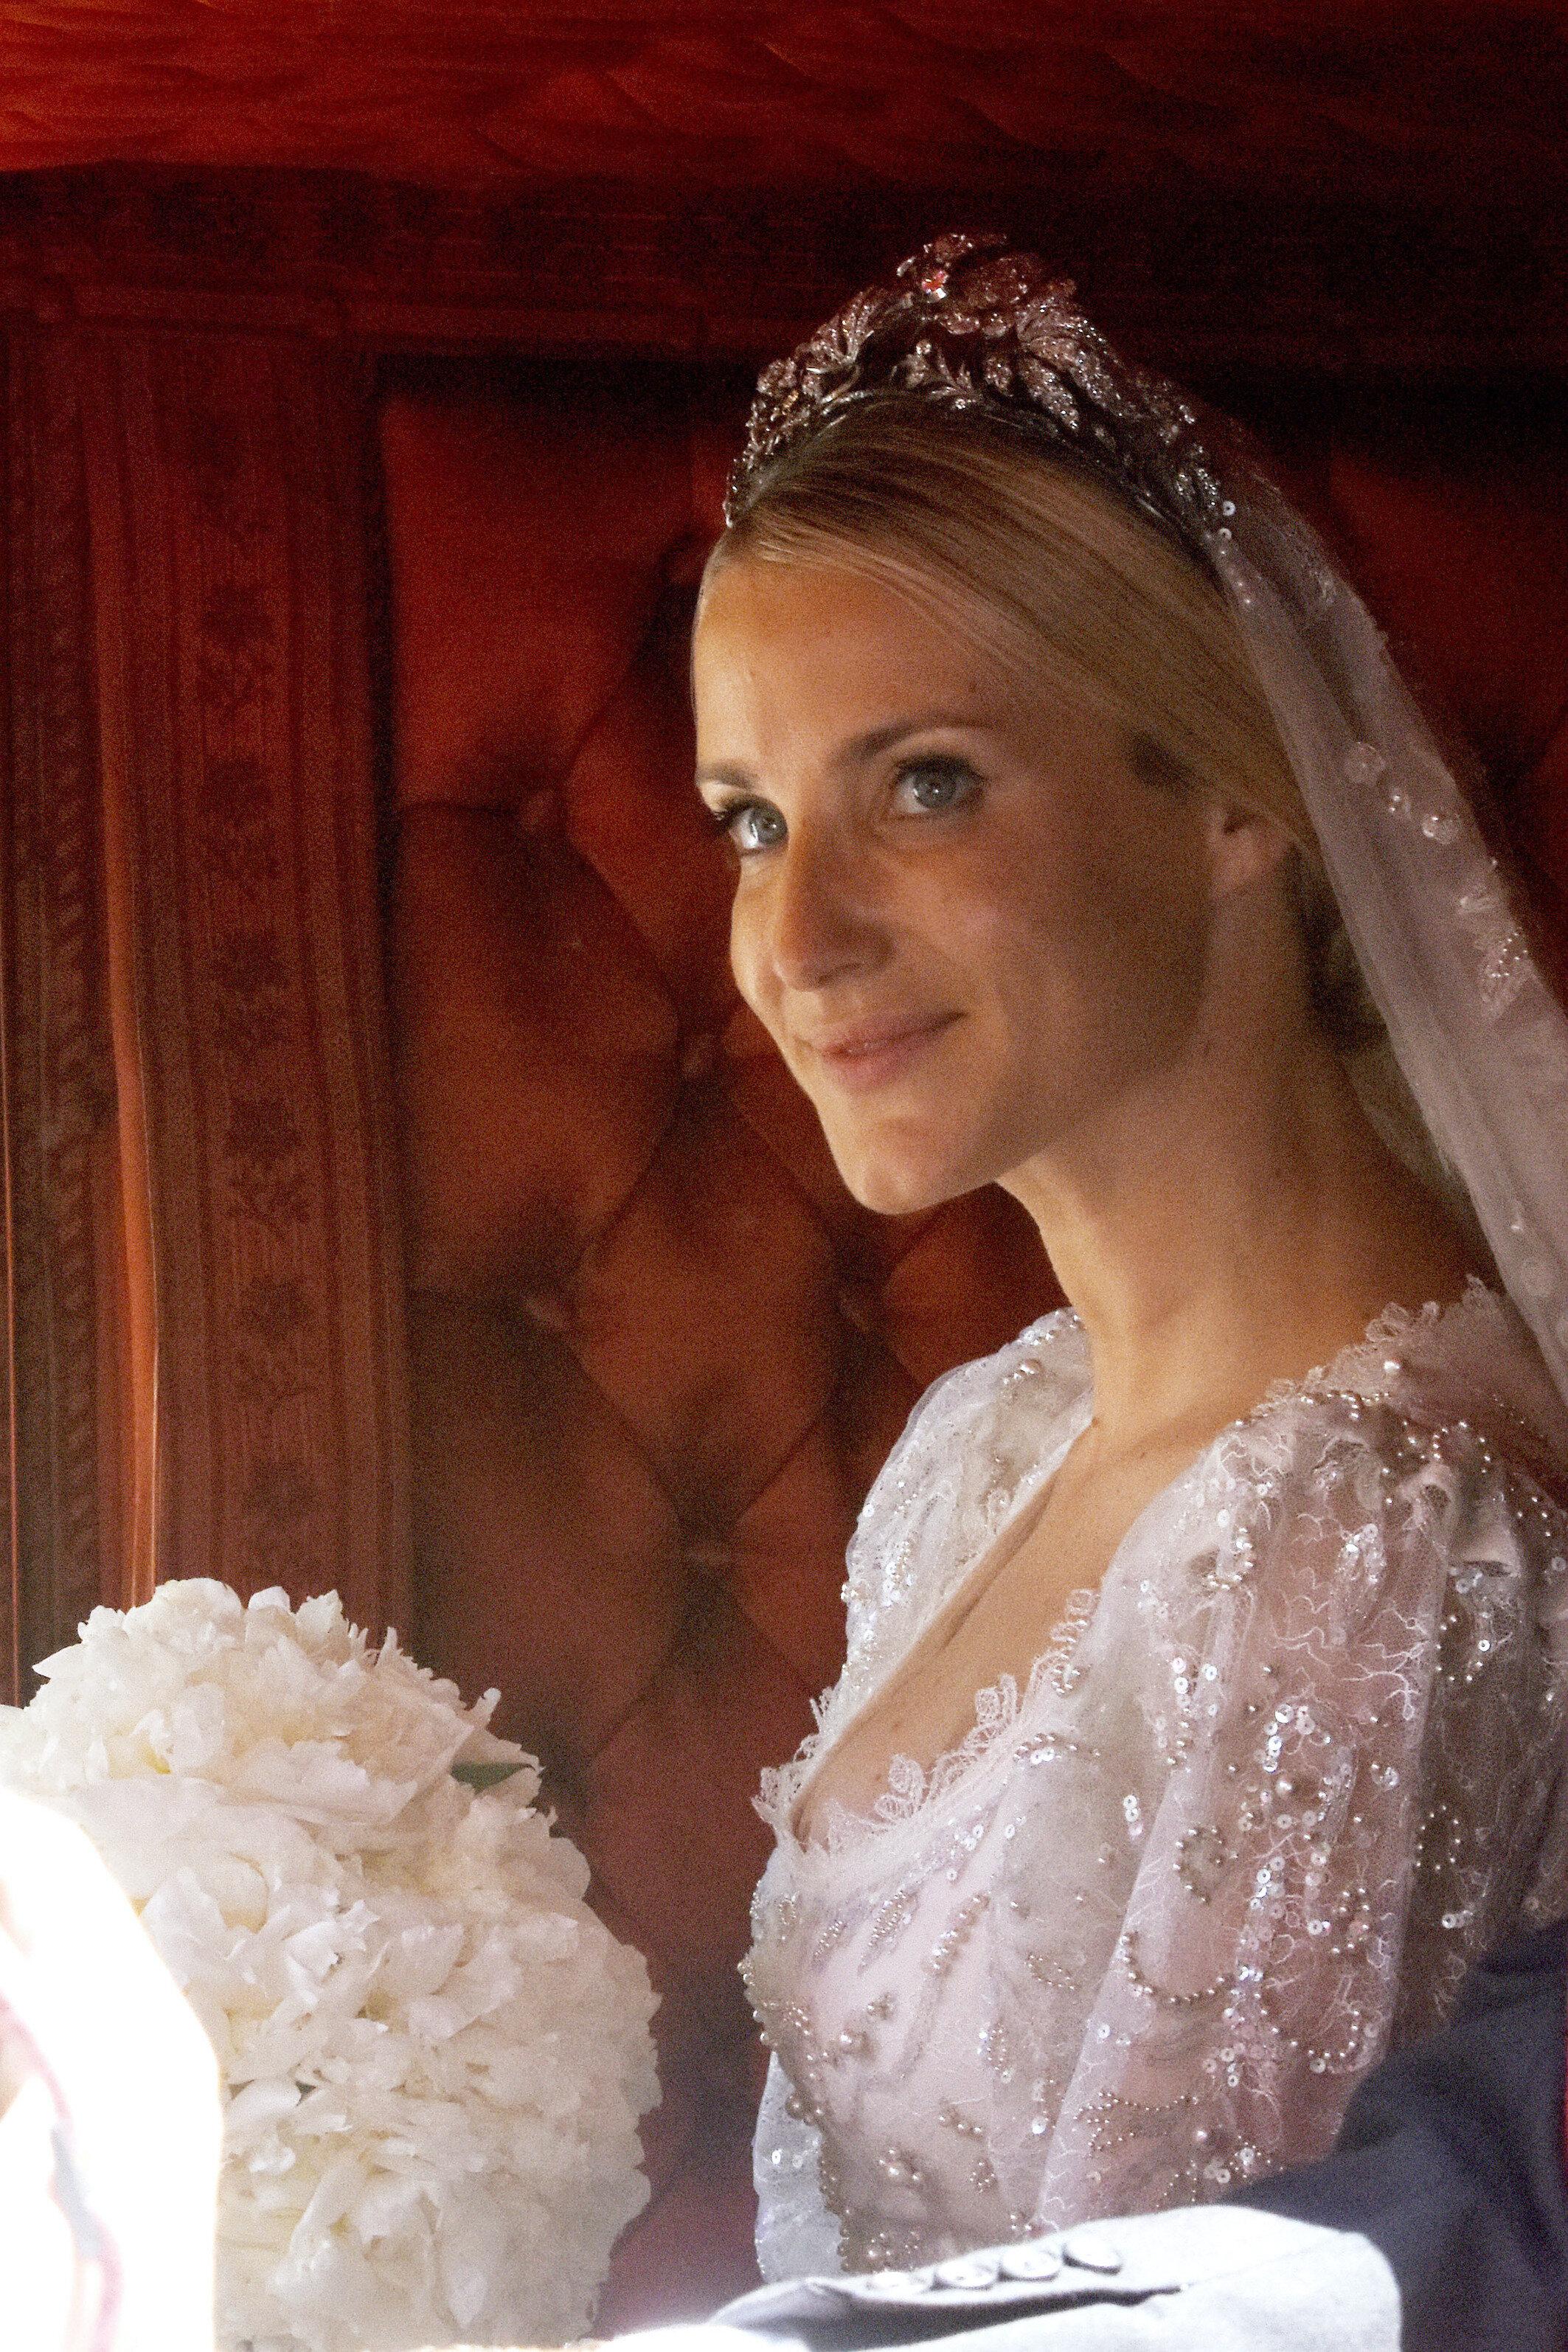 Die Tiara stammt von Viktoria Louise, einer Urgroßmutter von Ernst August. © picture alliance/Geisler-Fotopress